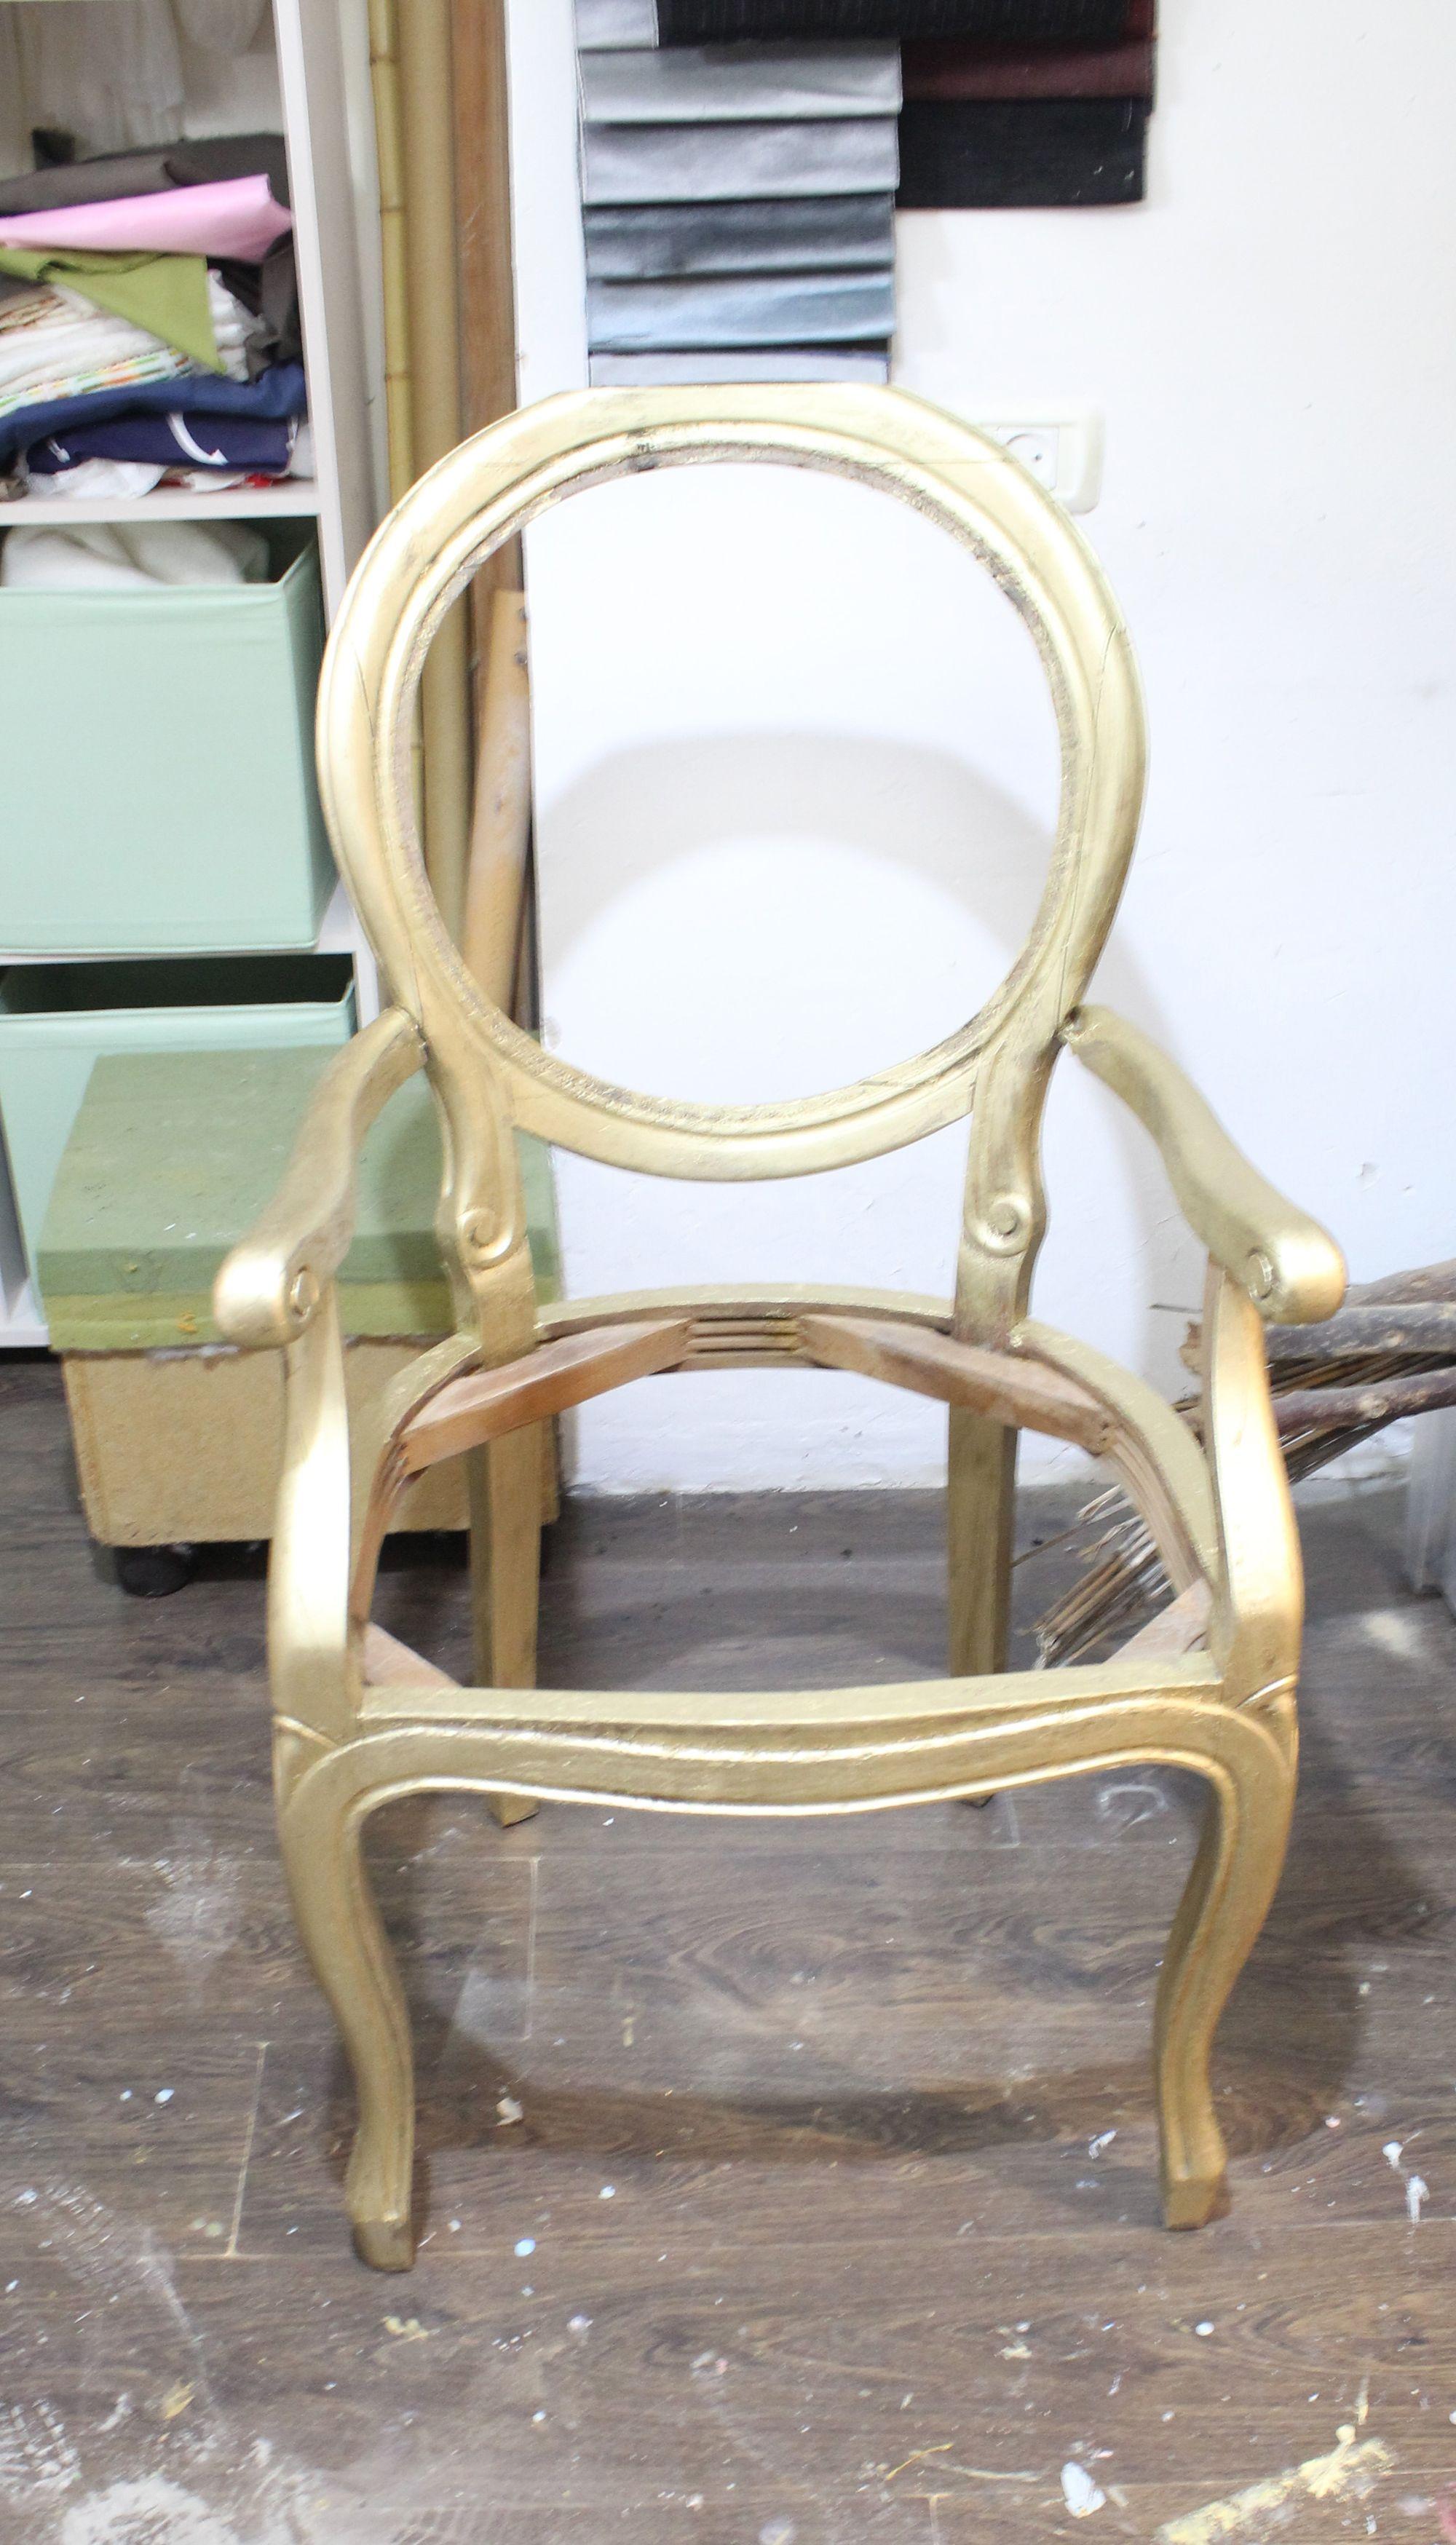 IMG 3406 - חידוש כסא עתיק